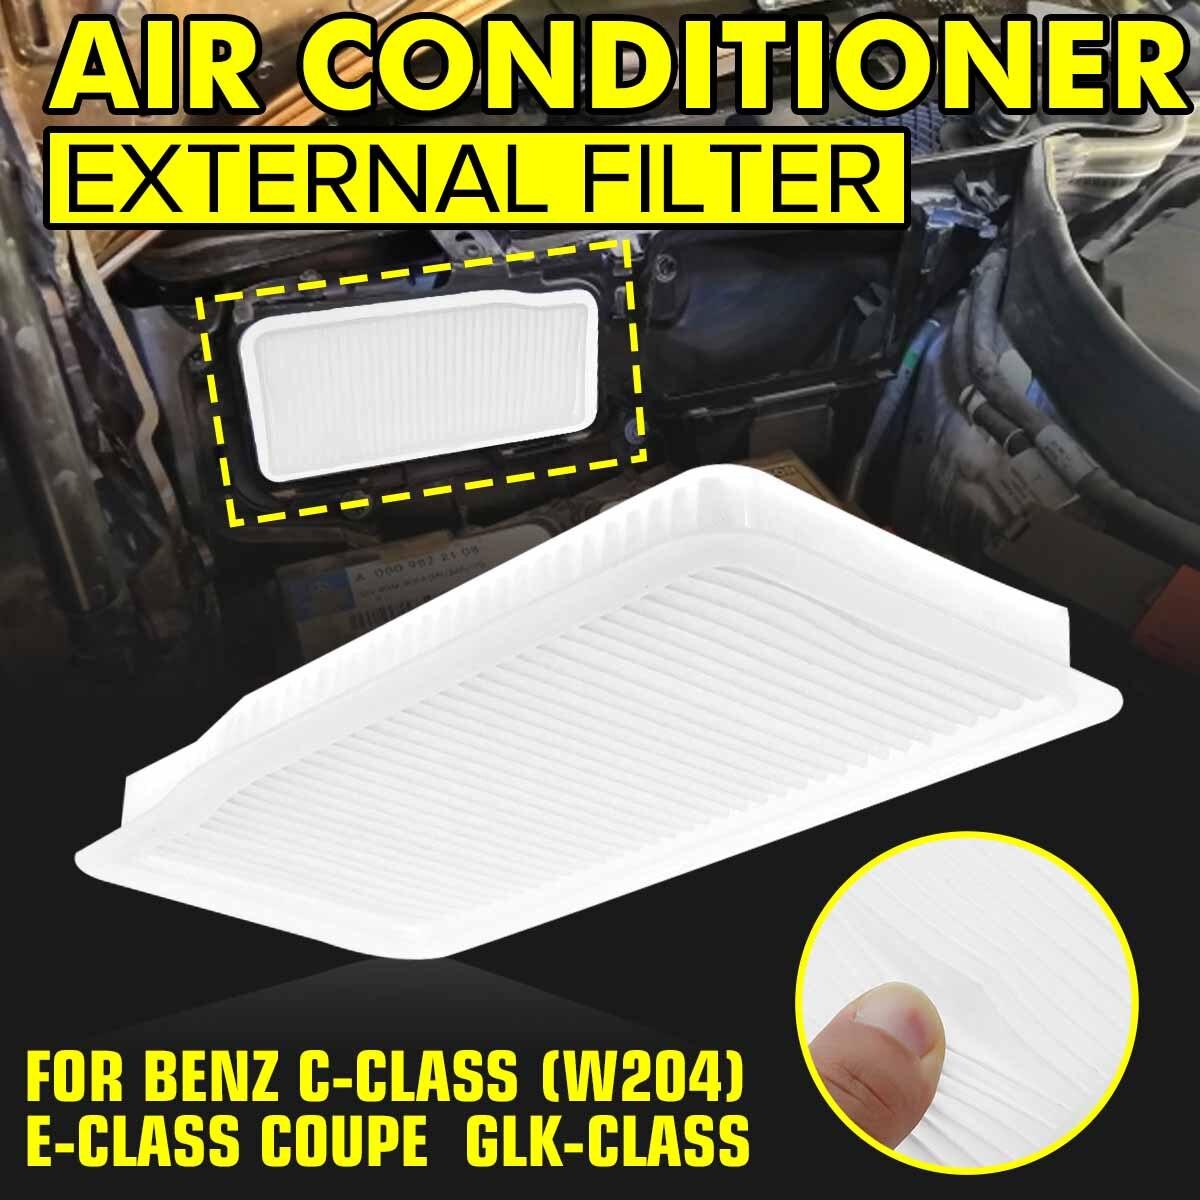 Zewnętrzny filtr kabinowy klimatyzatora dla mercedesa dla Benz klasa C W204 e-klasa COUPE glk-klasa GLK260 GLK300 GLK350 FT999